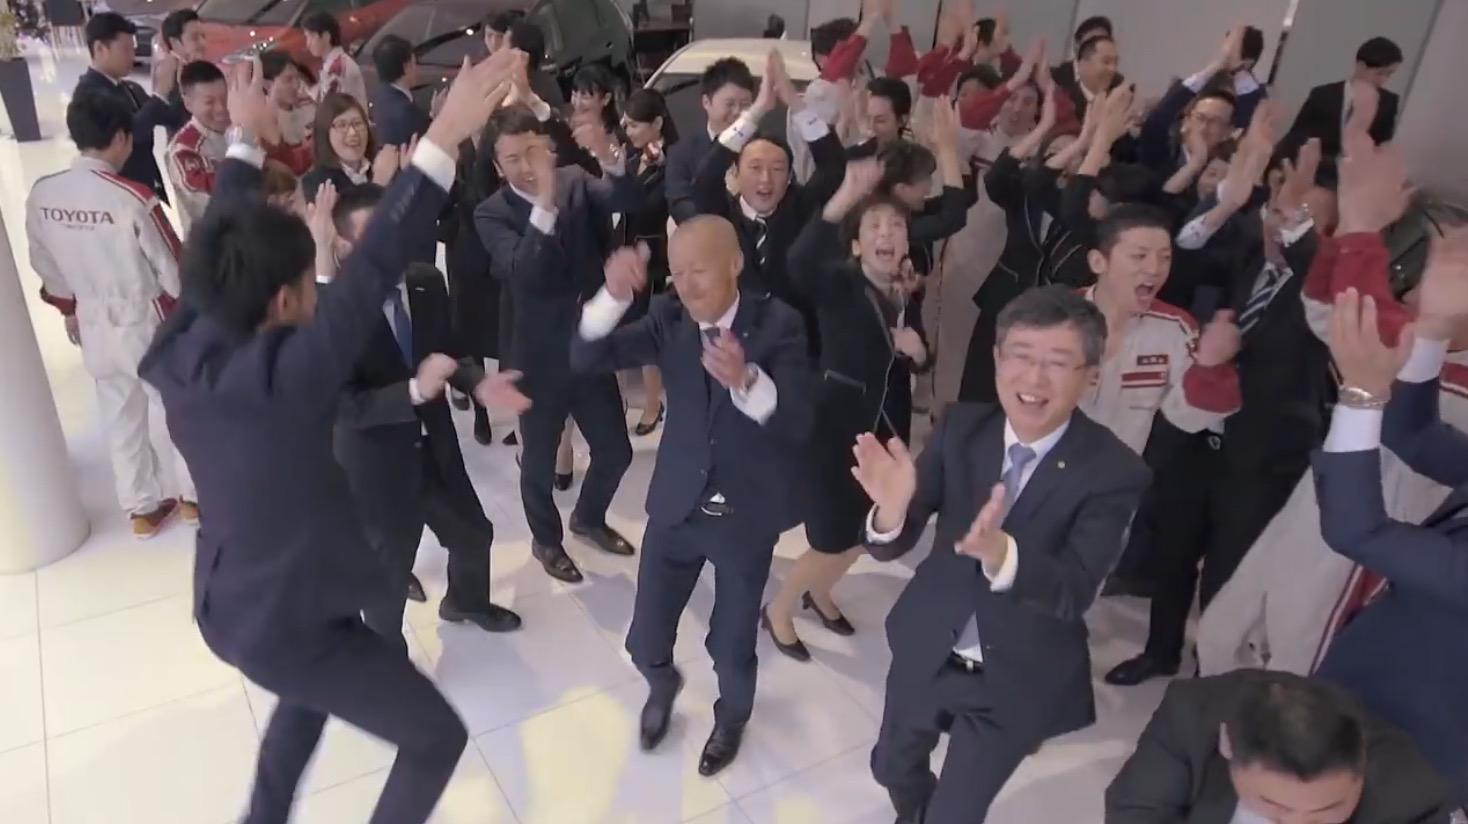 なんだか楽しそう!「トヨタ」総勢約5,000名がオリジナルソングで踊るアットホームな動画が公開!!